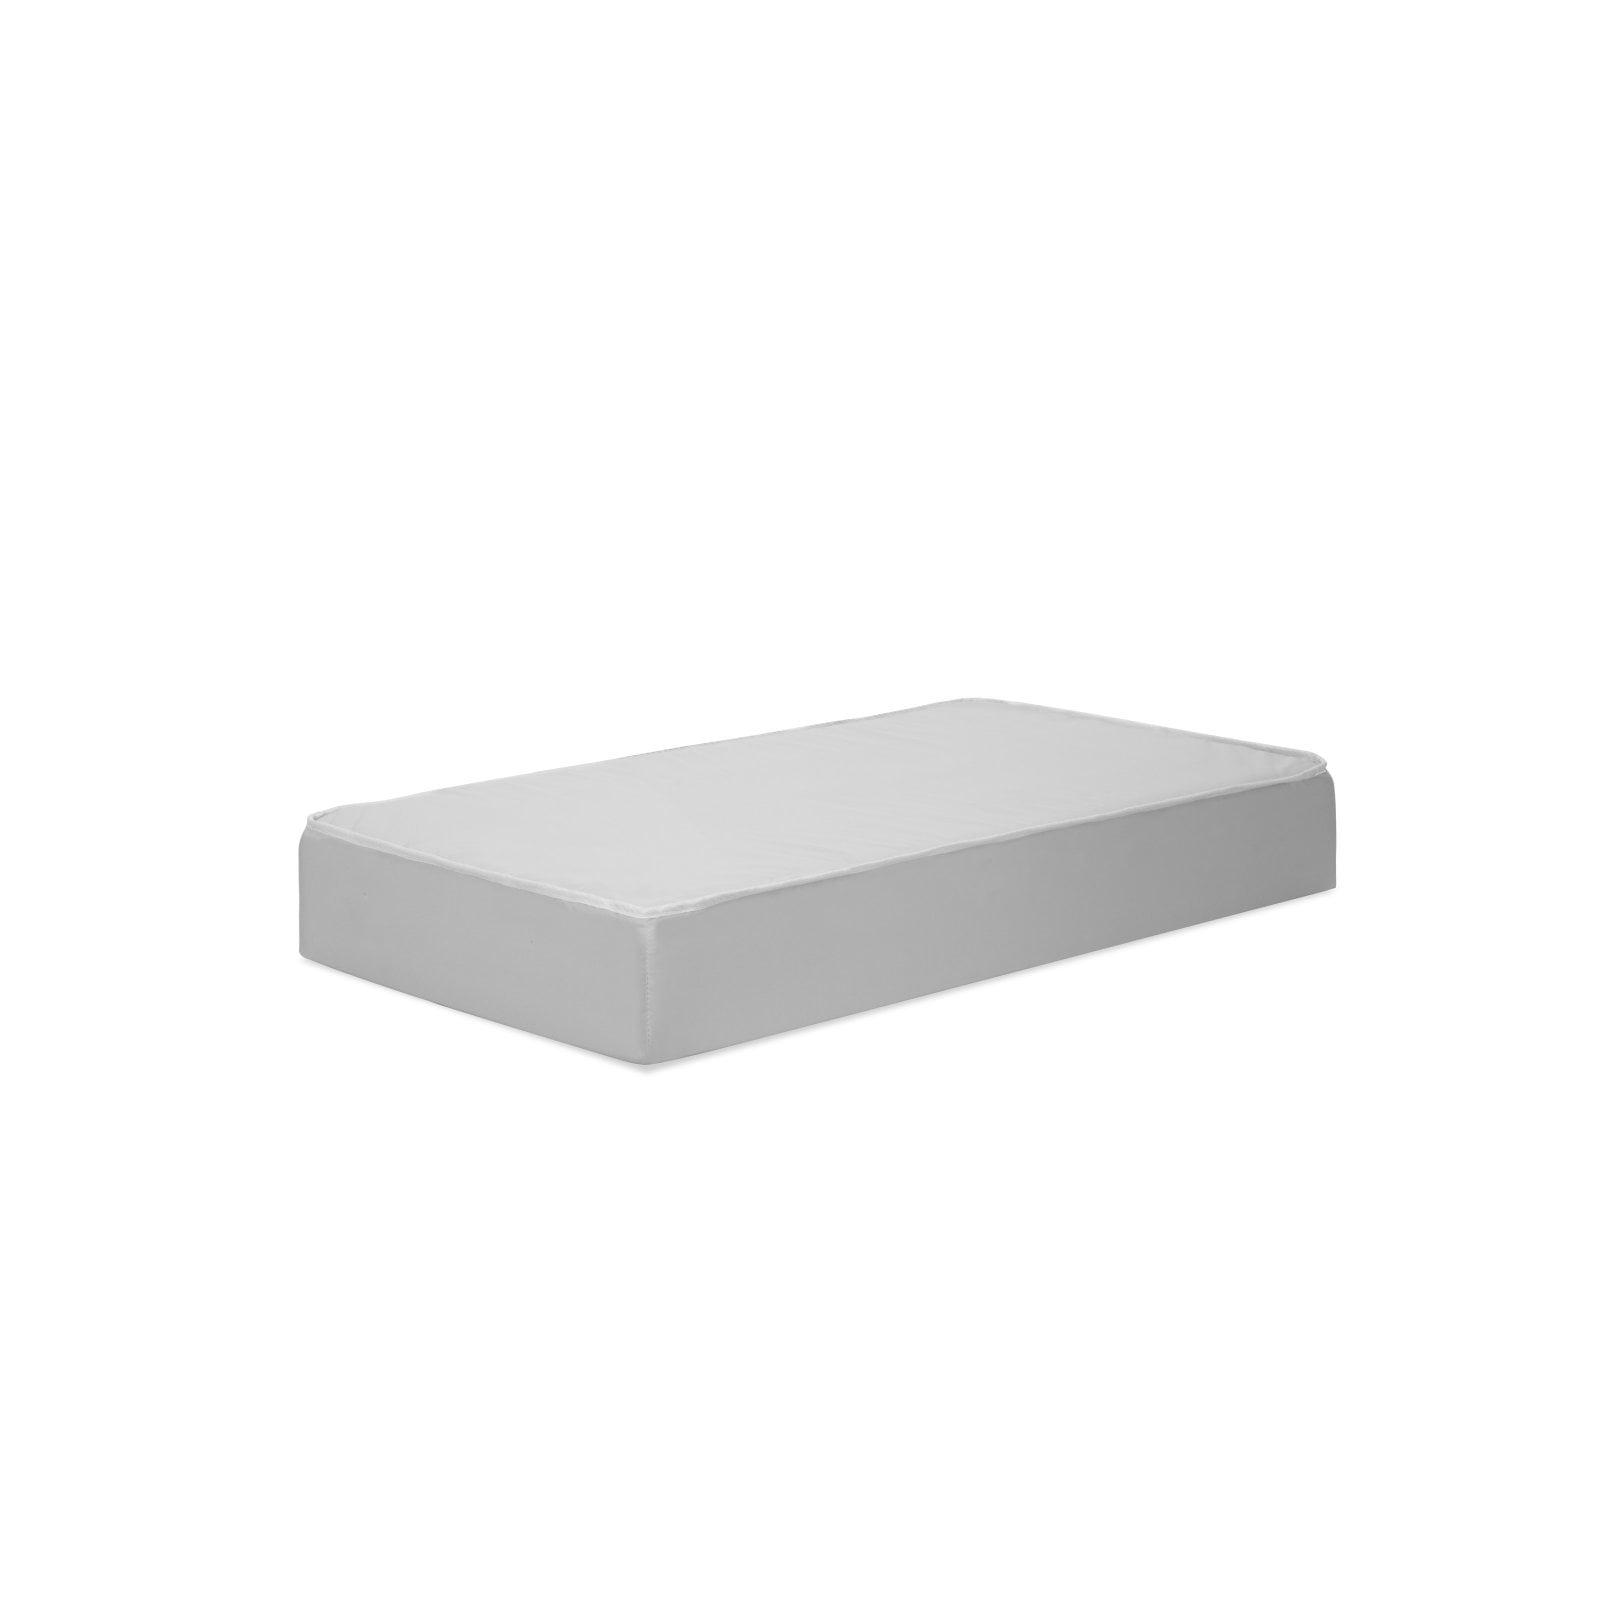 DaVinci Complete Non-Toxic Mini Crib Mattress with Hypoallergenic Waterproof Cover by Davinci